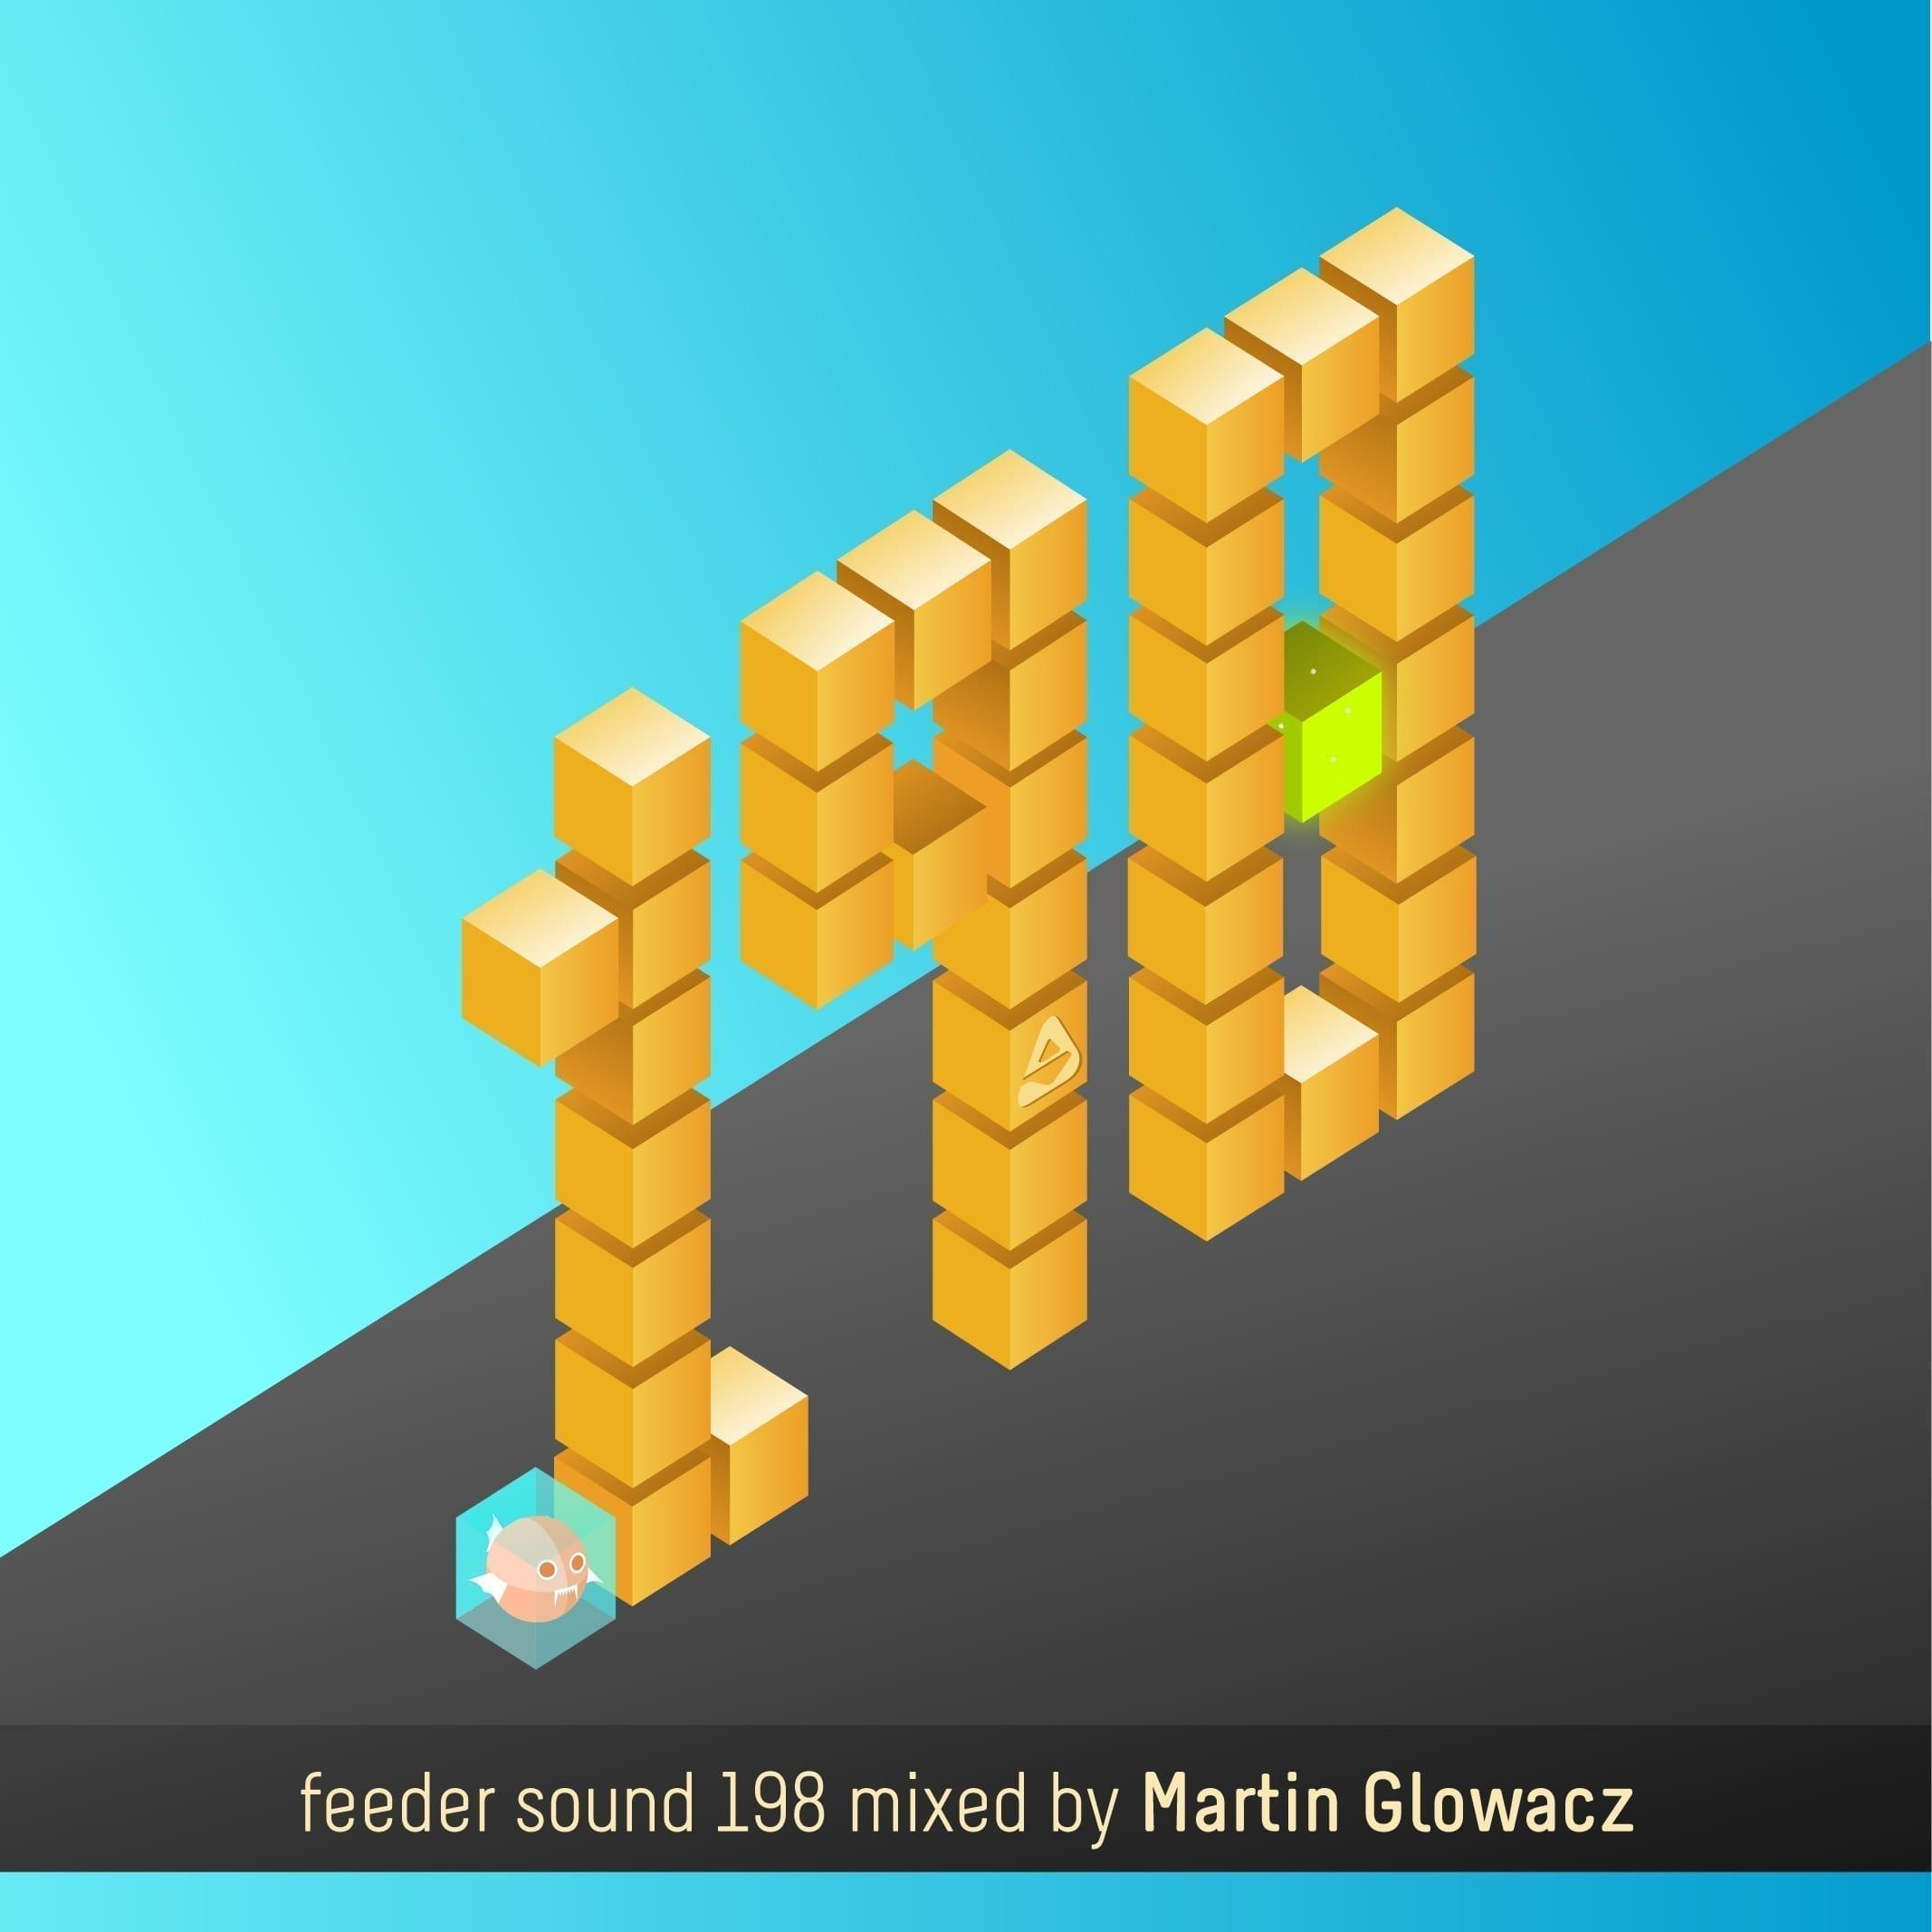 feeder sound 198 mixed by Martin Glowacz